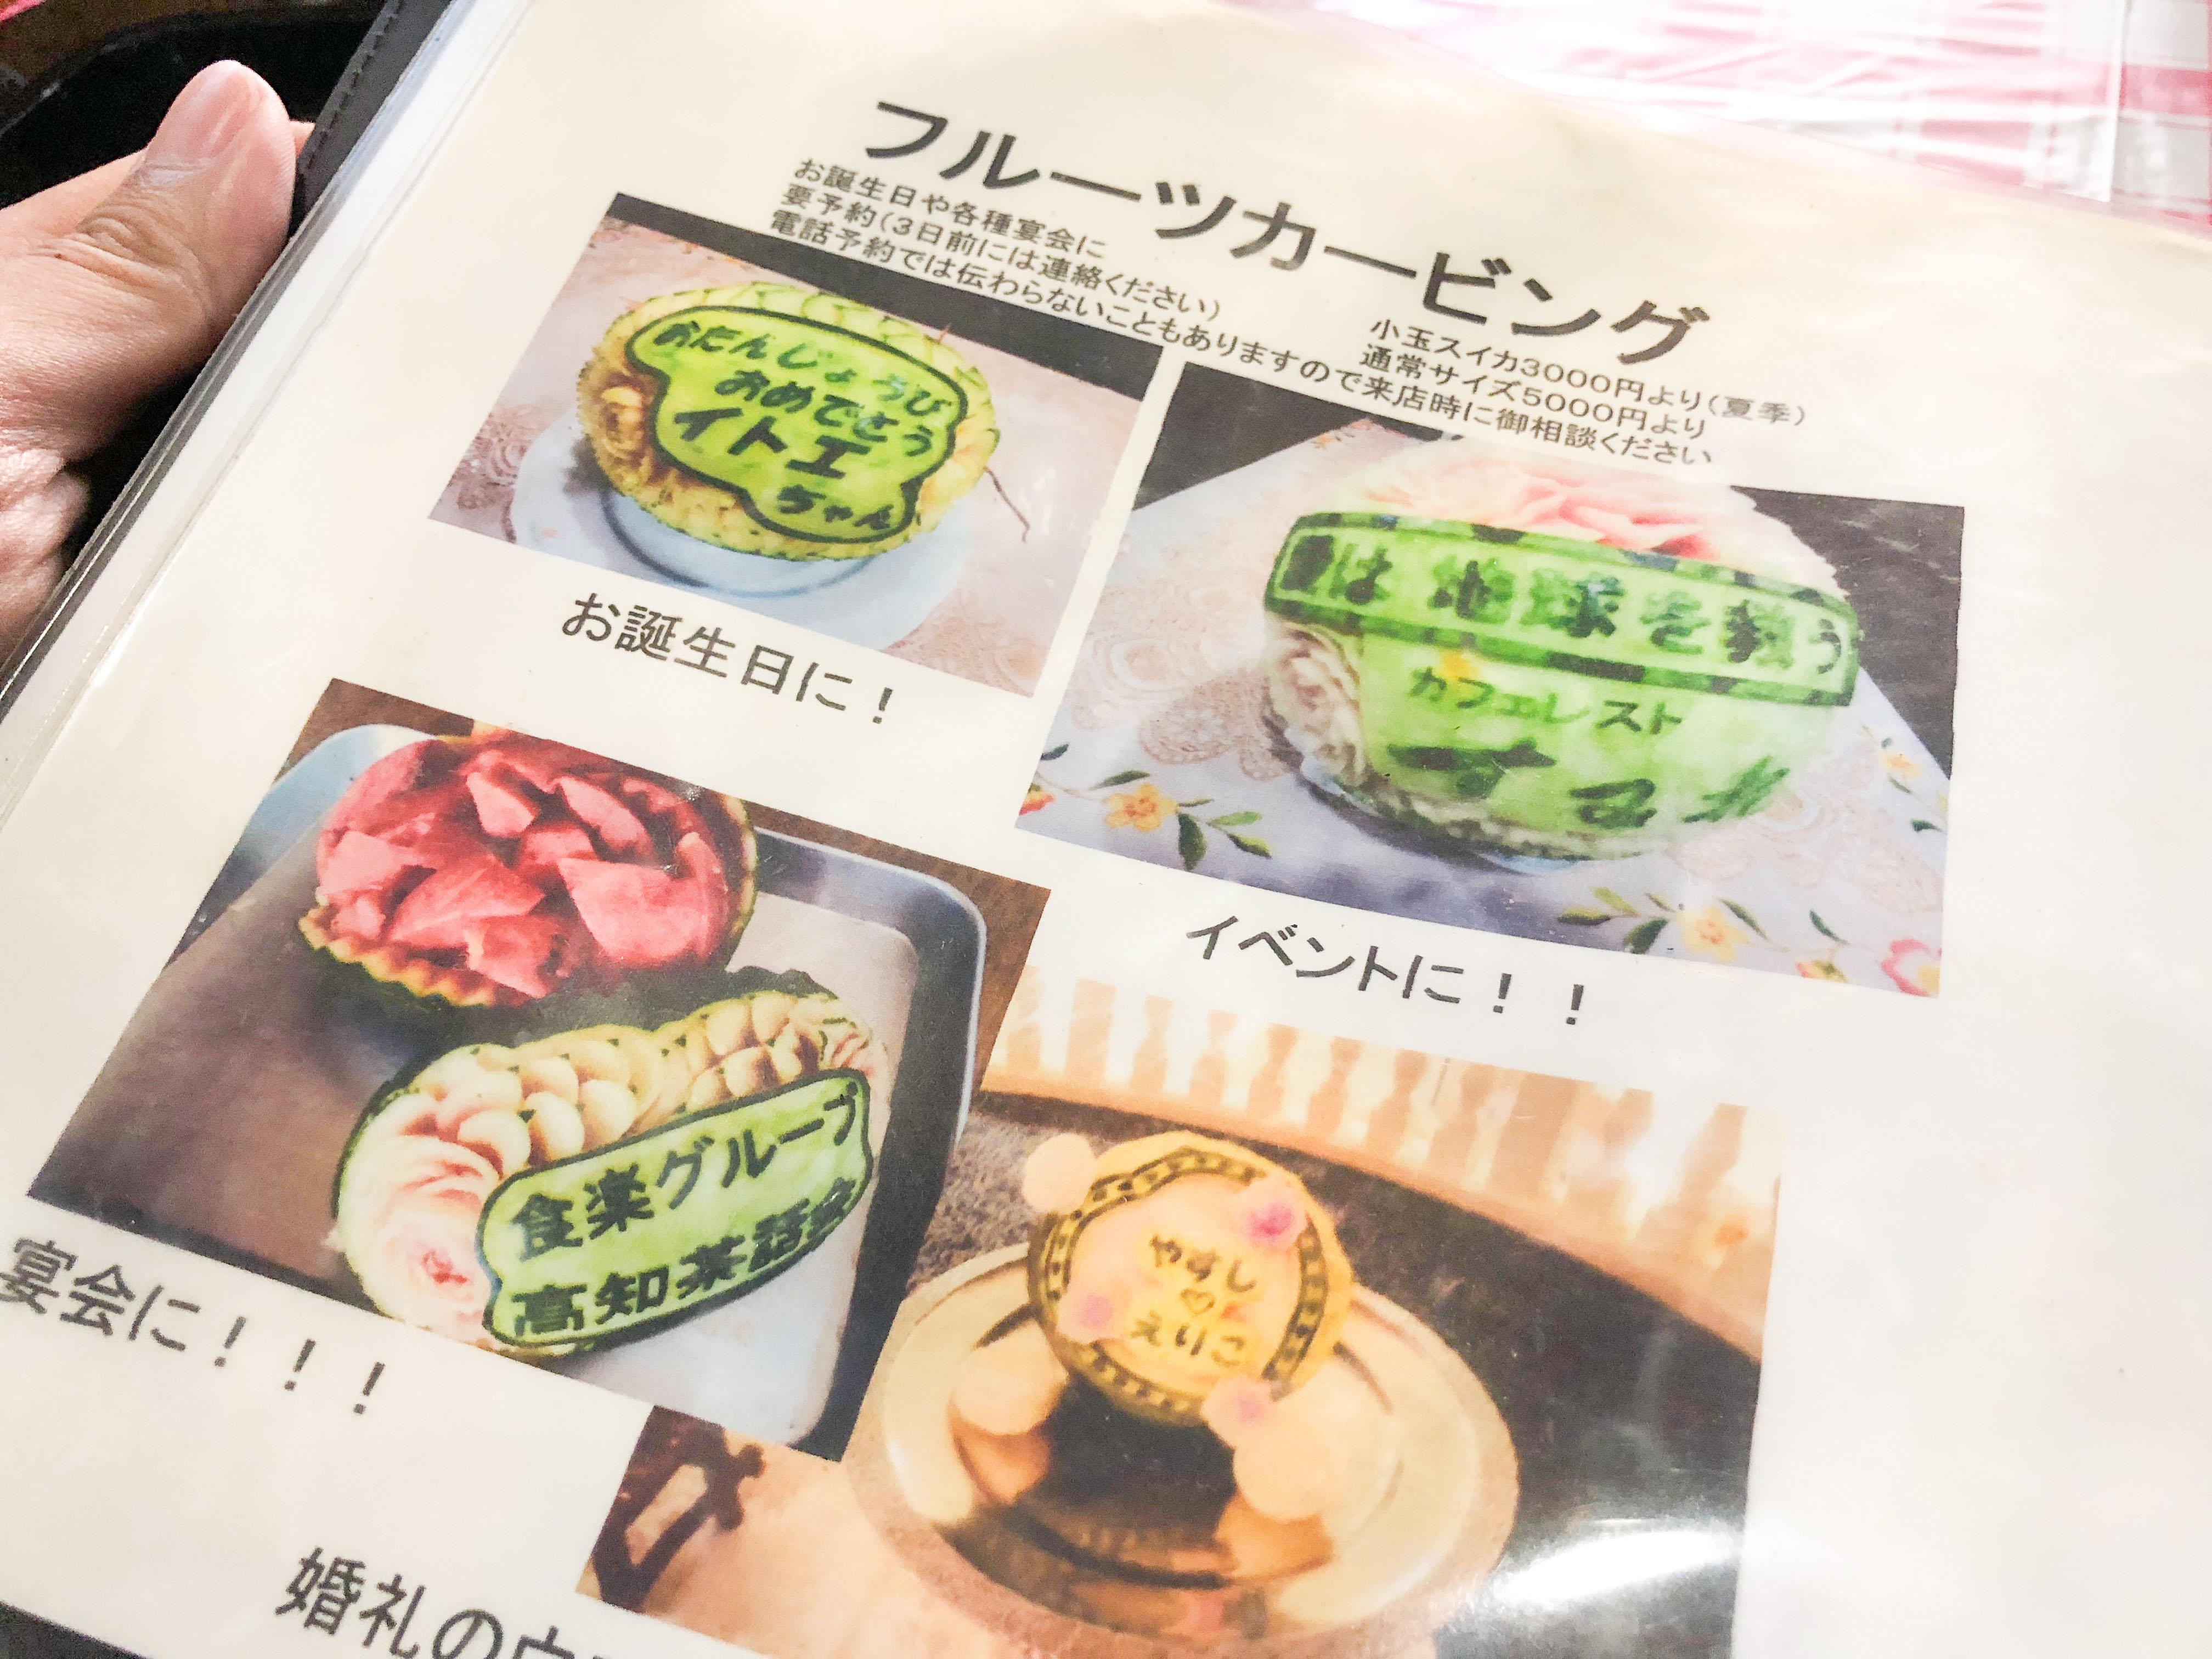 高知市のカフェレストすみれのフルーツカービングの画像